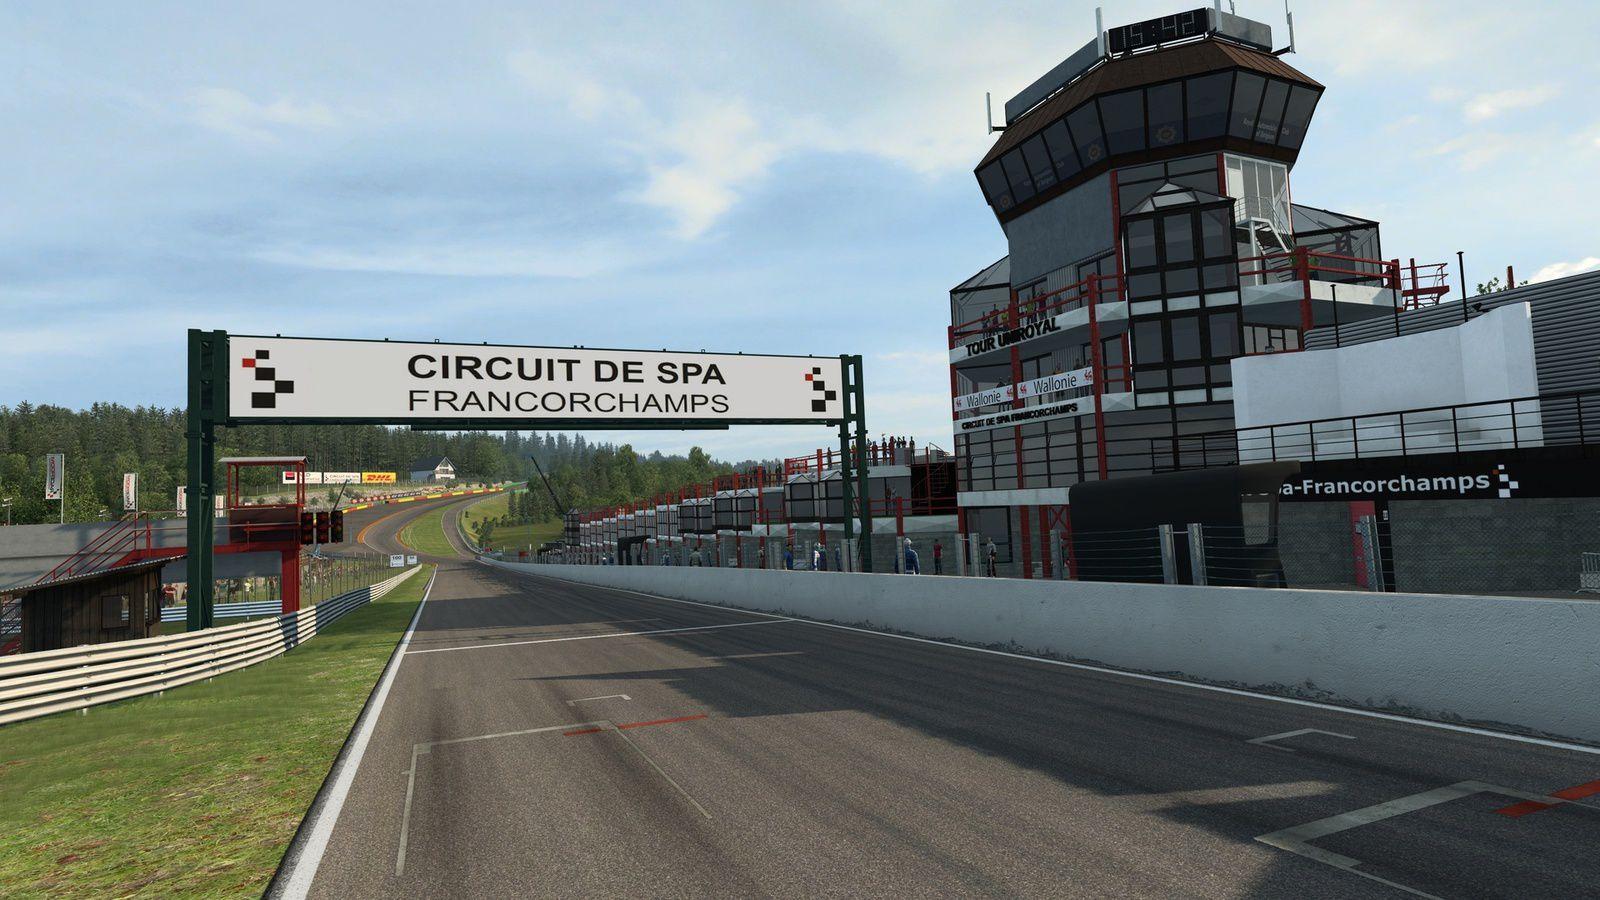 Raceroom - Spa-Francorchamps, sur le store.